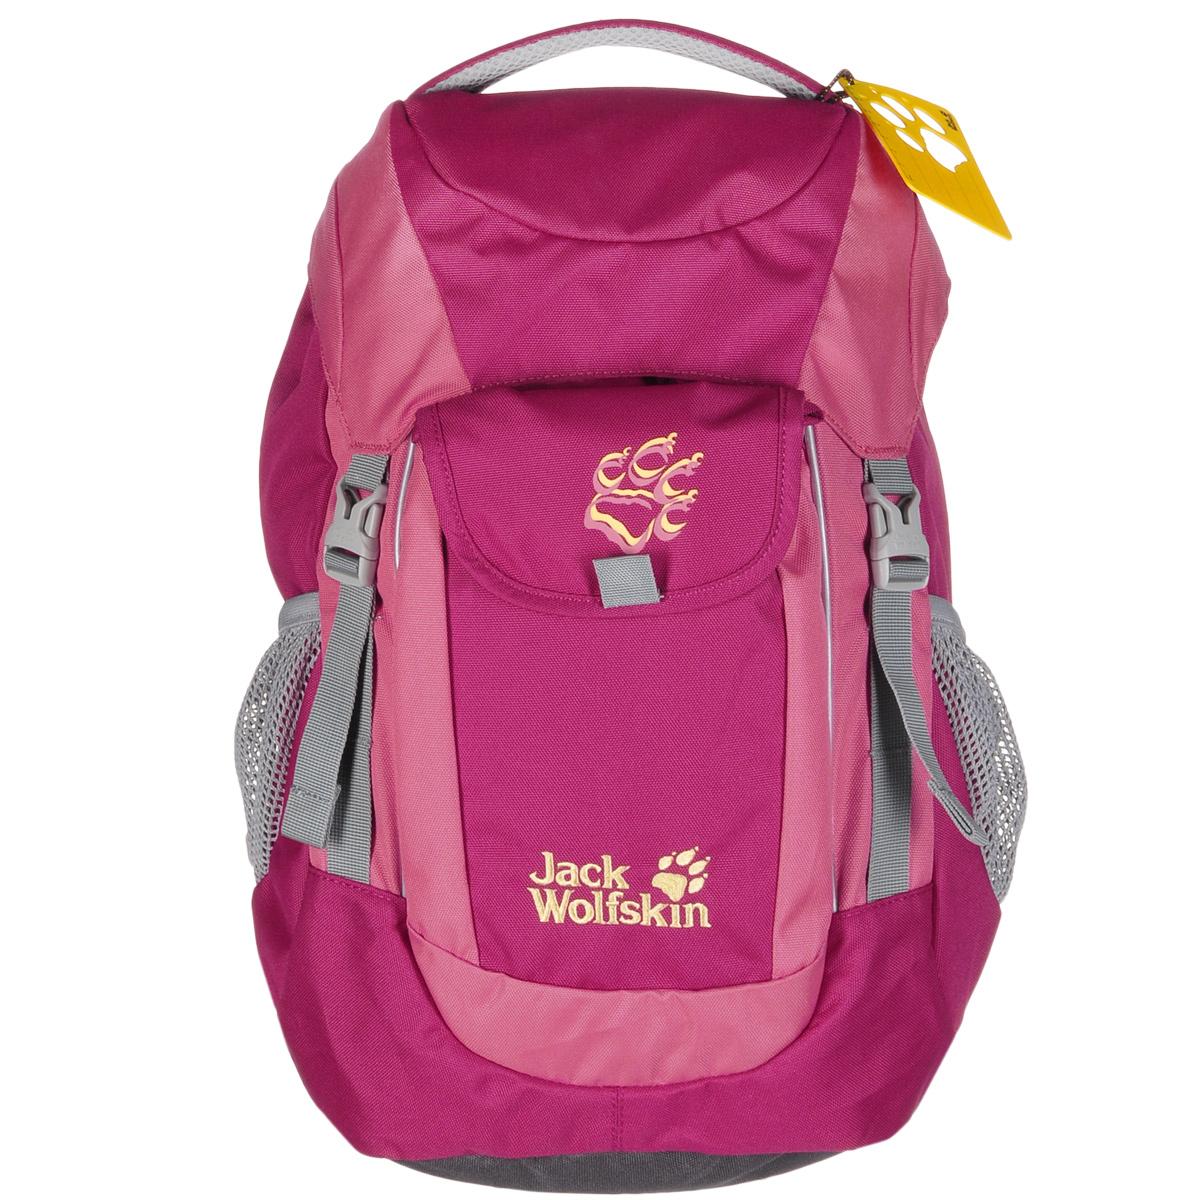 Рюкзак городской женский Jack Wolfskin Kids Explorer, цвет: розовый, 16 л2000861-2081Аккуратный походный рюкзак Jack Wolfskin Kids Explorer с объемом 16 литров прекрасно подойдет для любых целей. Вынимающийся коврик-подстилка очень практичен во время остановок в пути. Мягкие и удобные плечевые ремни позволяют равномерно распределить груз, а посередине подушки спины предусмотрен специальный вентиляционный канал. Отражатели на передней и задней стороне. В основном отделении находятся карабин для ключей и именная табличка.